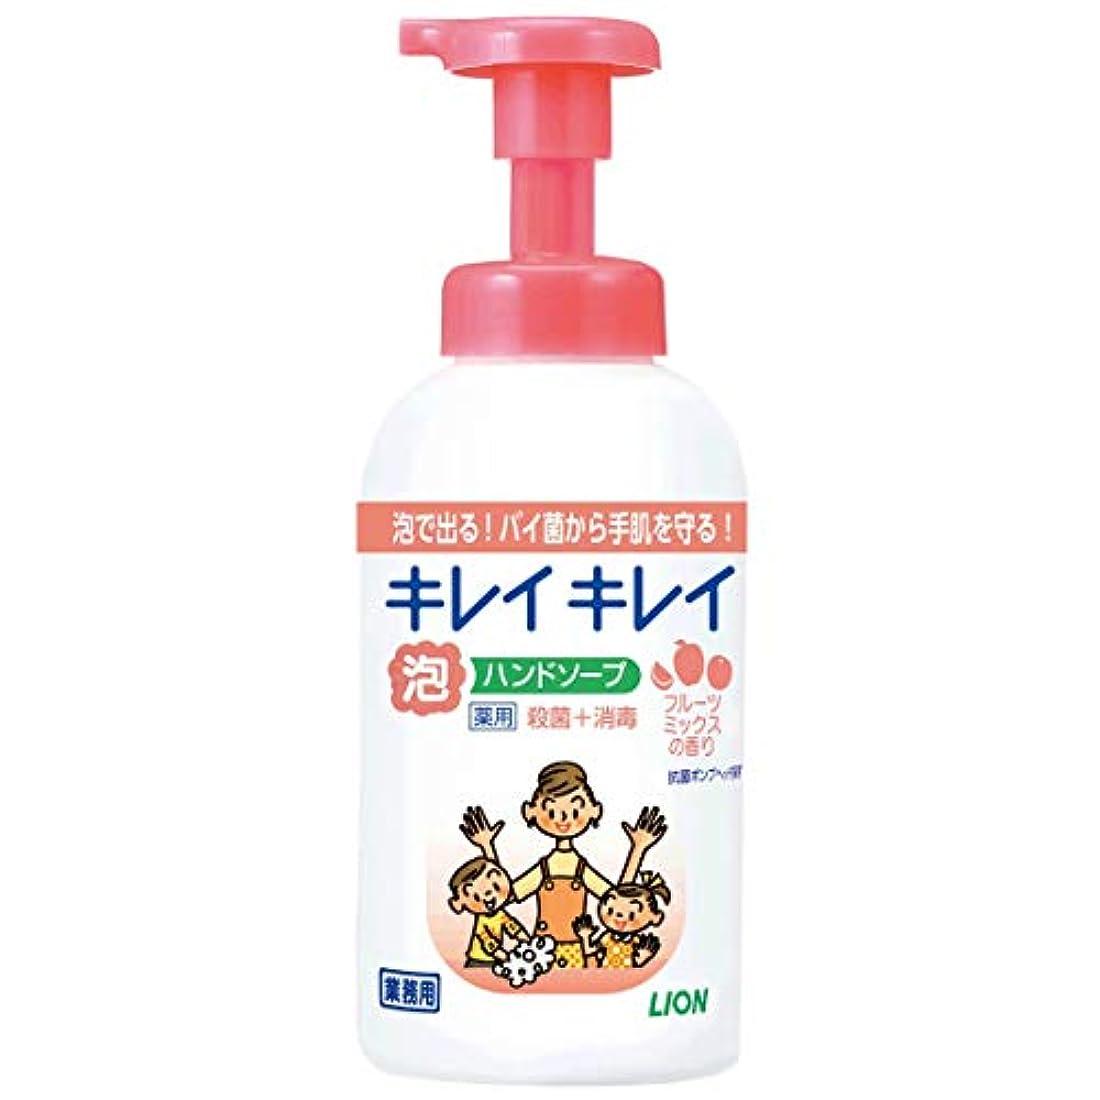 【業務用 大容量】キレイキレイ 薬用 泡ハンドソープ フルーツミックスの香り 本体ポンプ 550ml(医薬部外品)